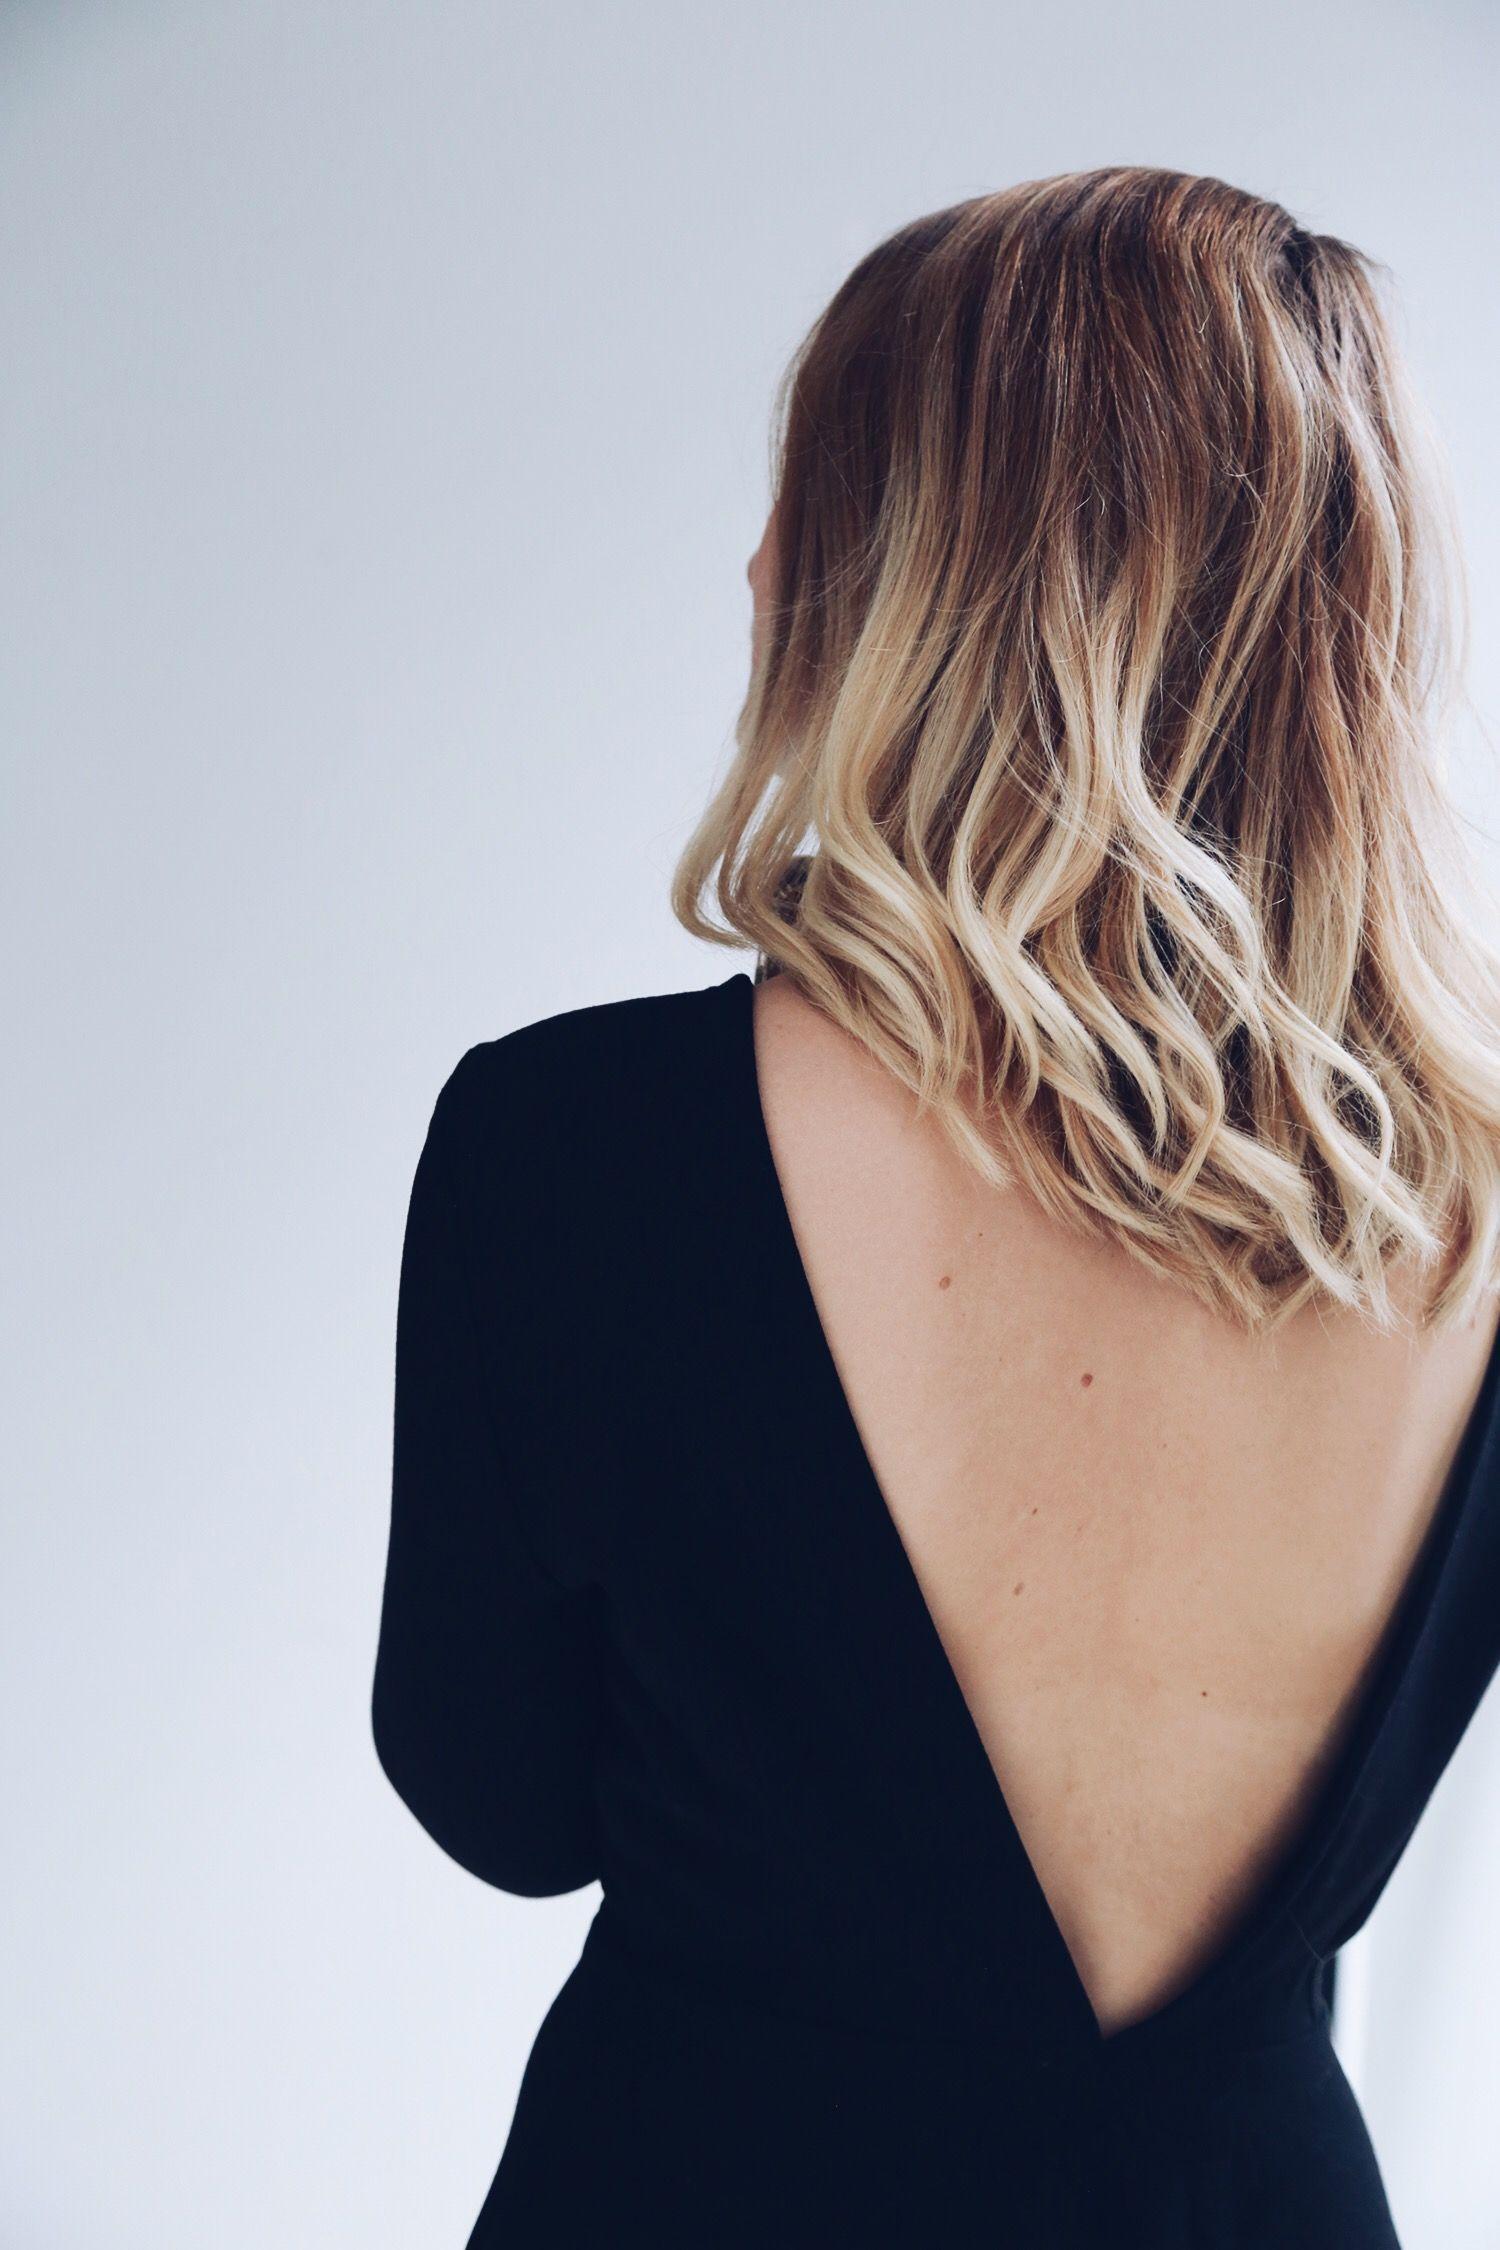 La petite robe noire + Concours Louis Pion - Zoé Macaron - blog mode - beauté - lifestyle - Lyon - Blog mode